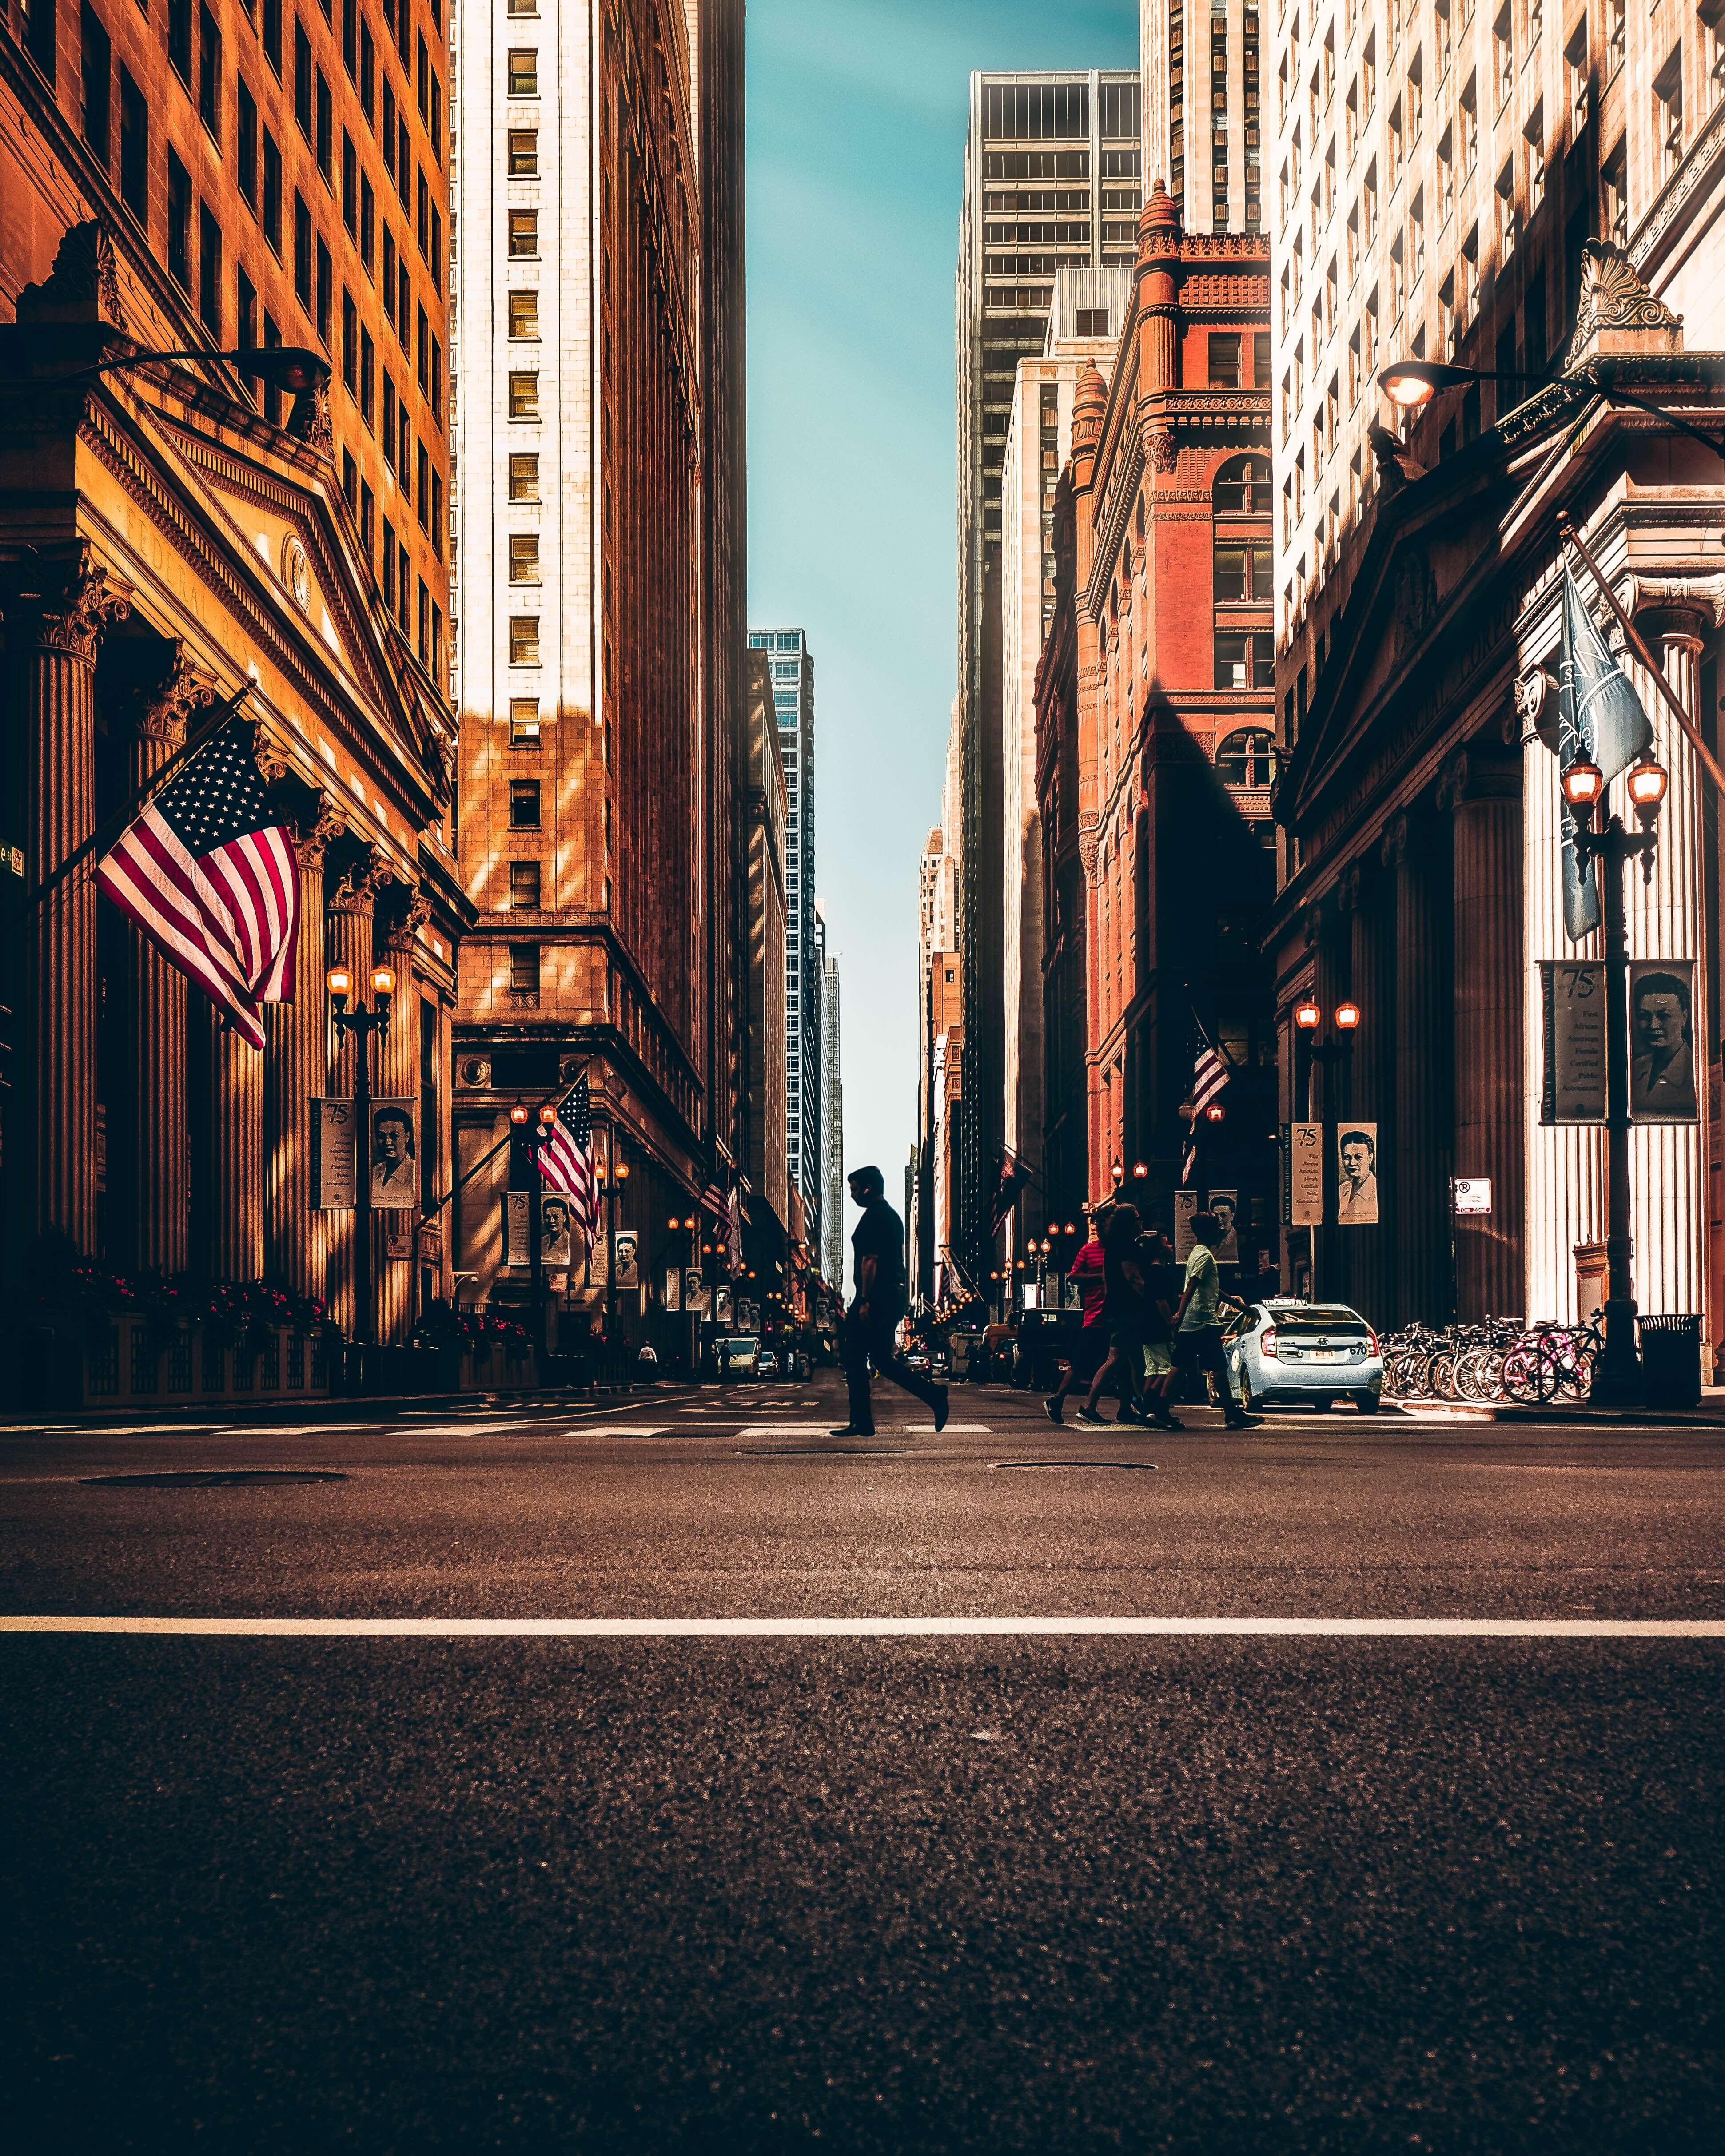 Piéton encadré par les édifices et les lignes au sol dans une grande ville américaine, par Benjamin Suter